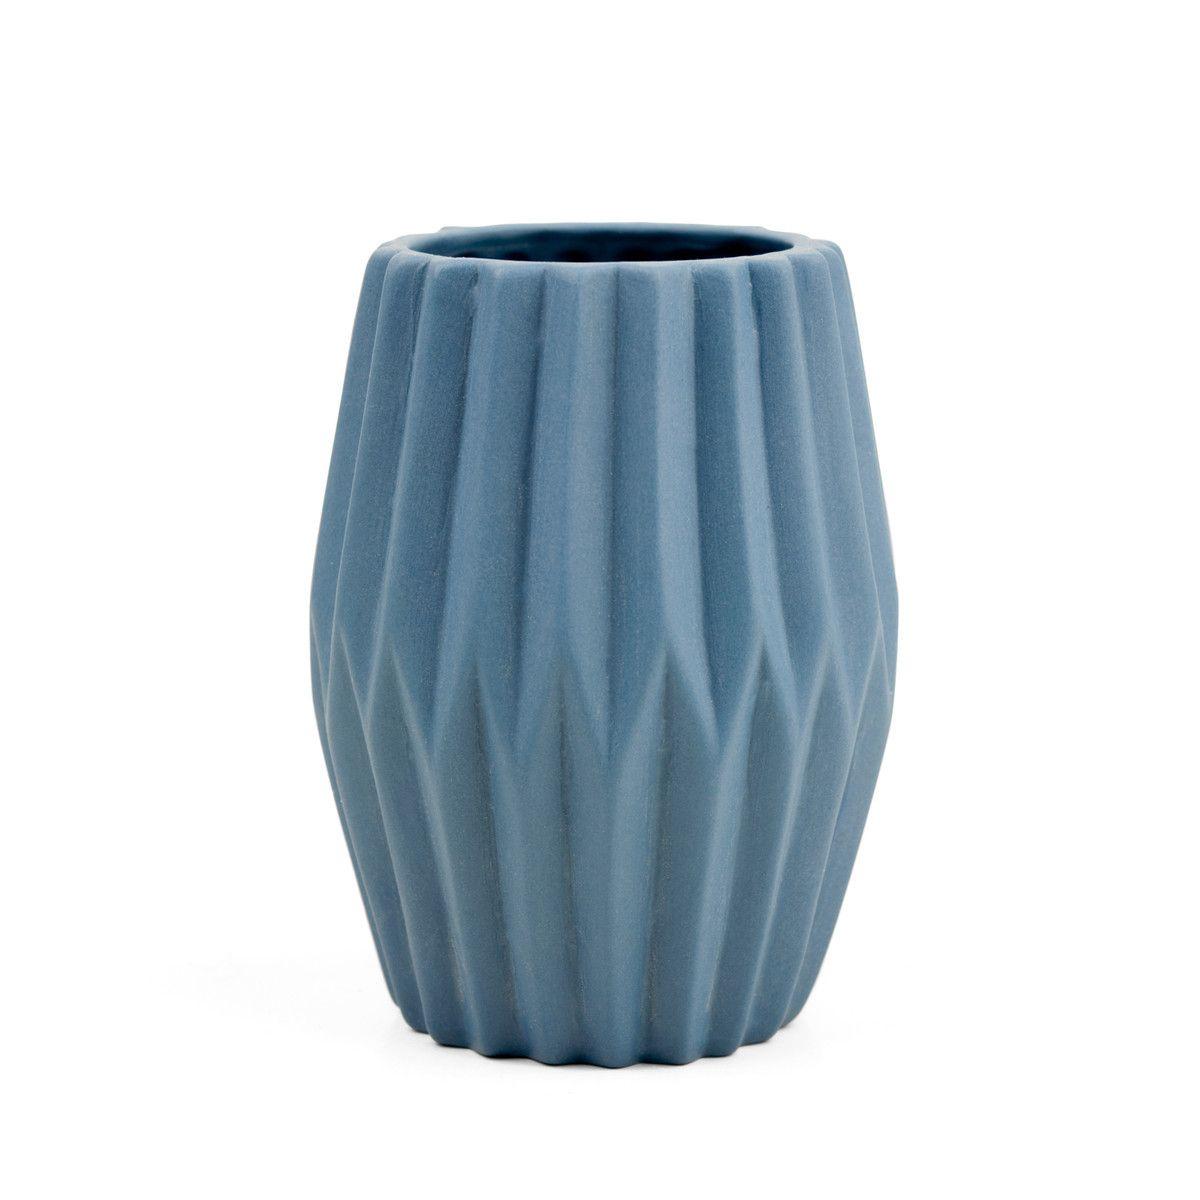 Novoform Aps Novoform Riffle 3 Keramikteelichthalter Vase Blau Jetzt Bestellen Unter Https Moebel Ladendirekt De Dekorat Vase Kerzenstander Dekoration